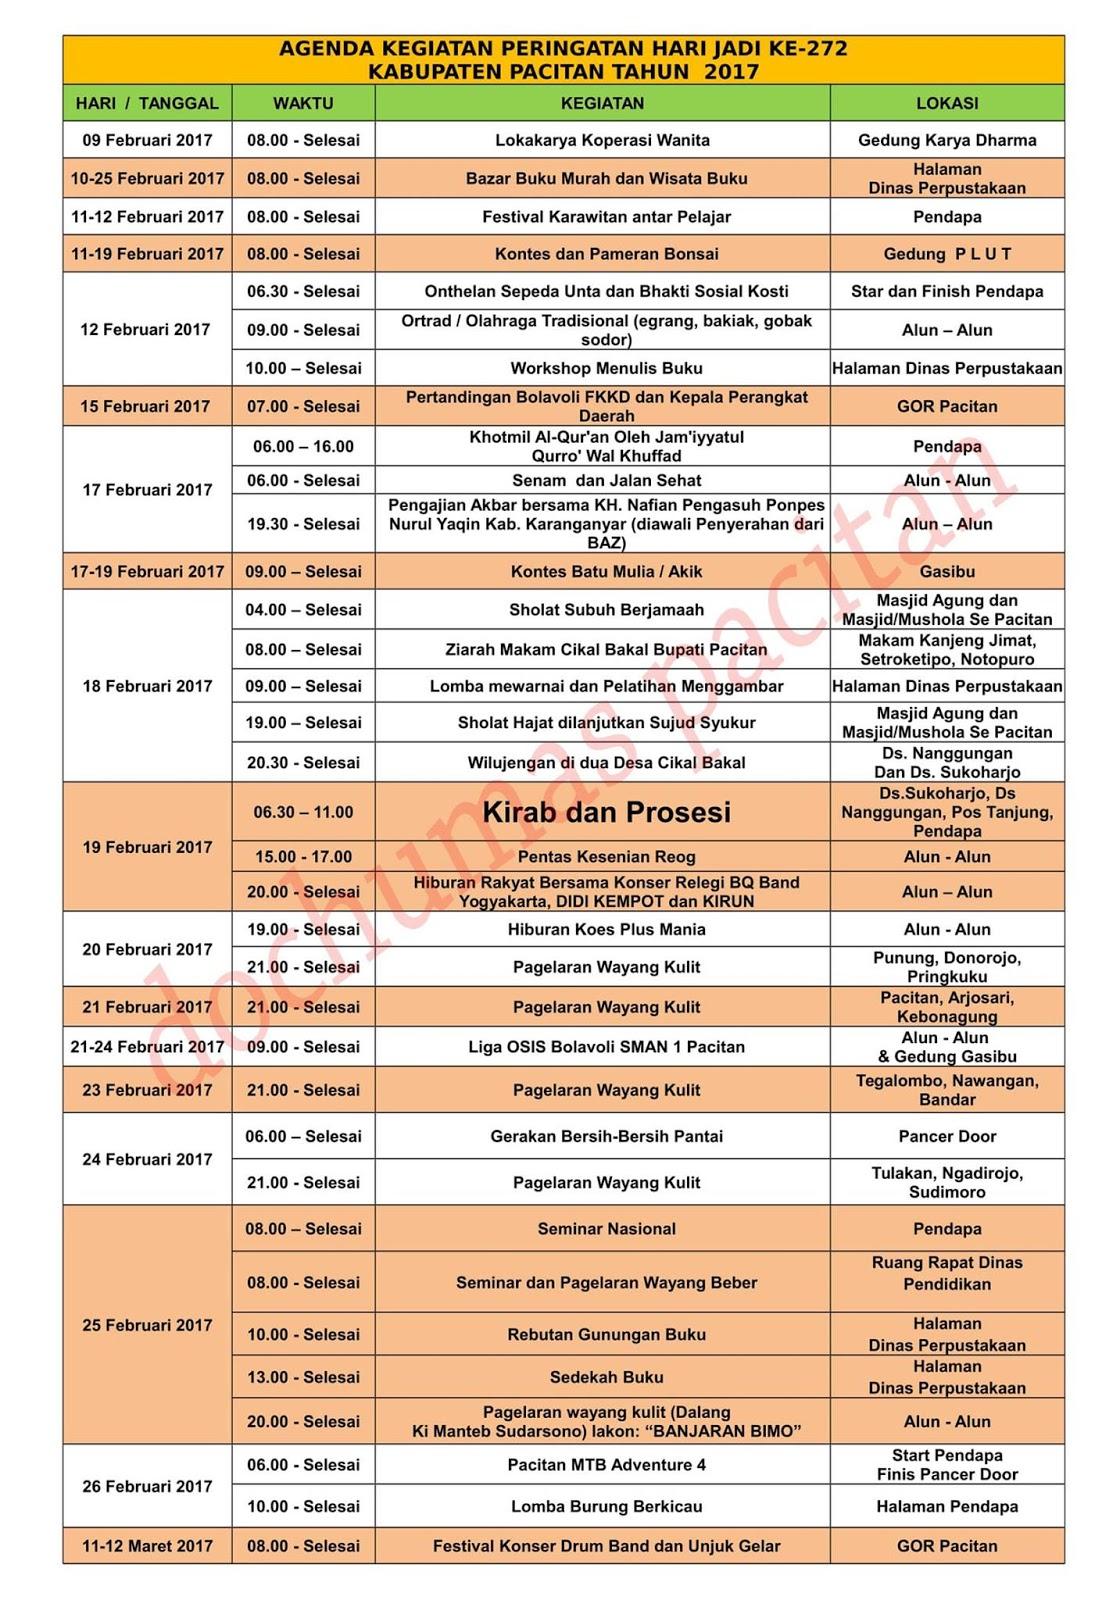 Agenda Kegiatan Peringatan Hari Jadi ke-272 Kabupaten Pacitan Tahun 2017